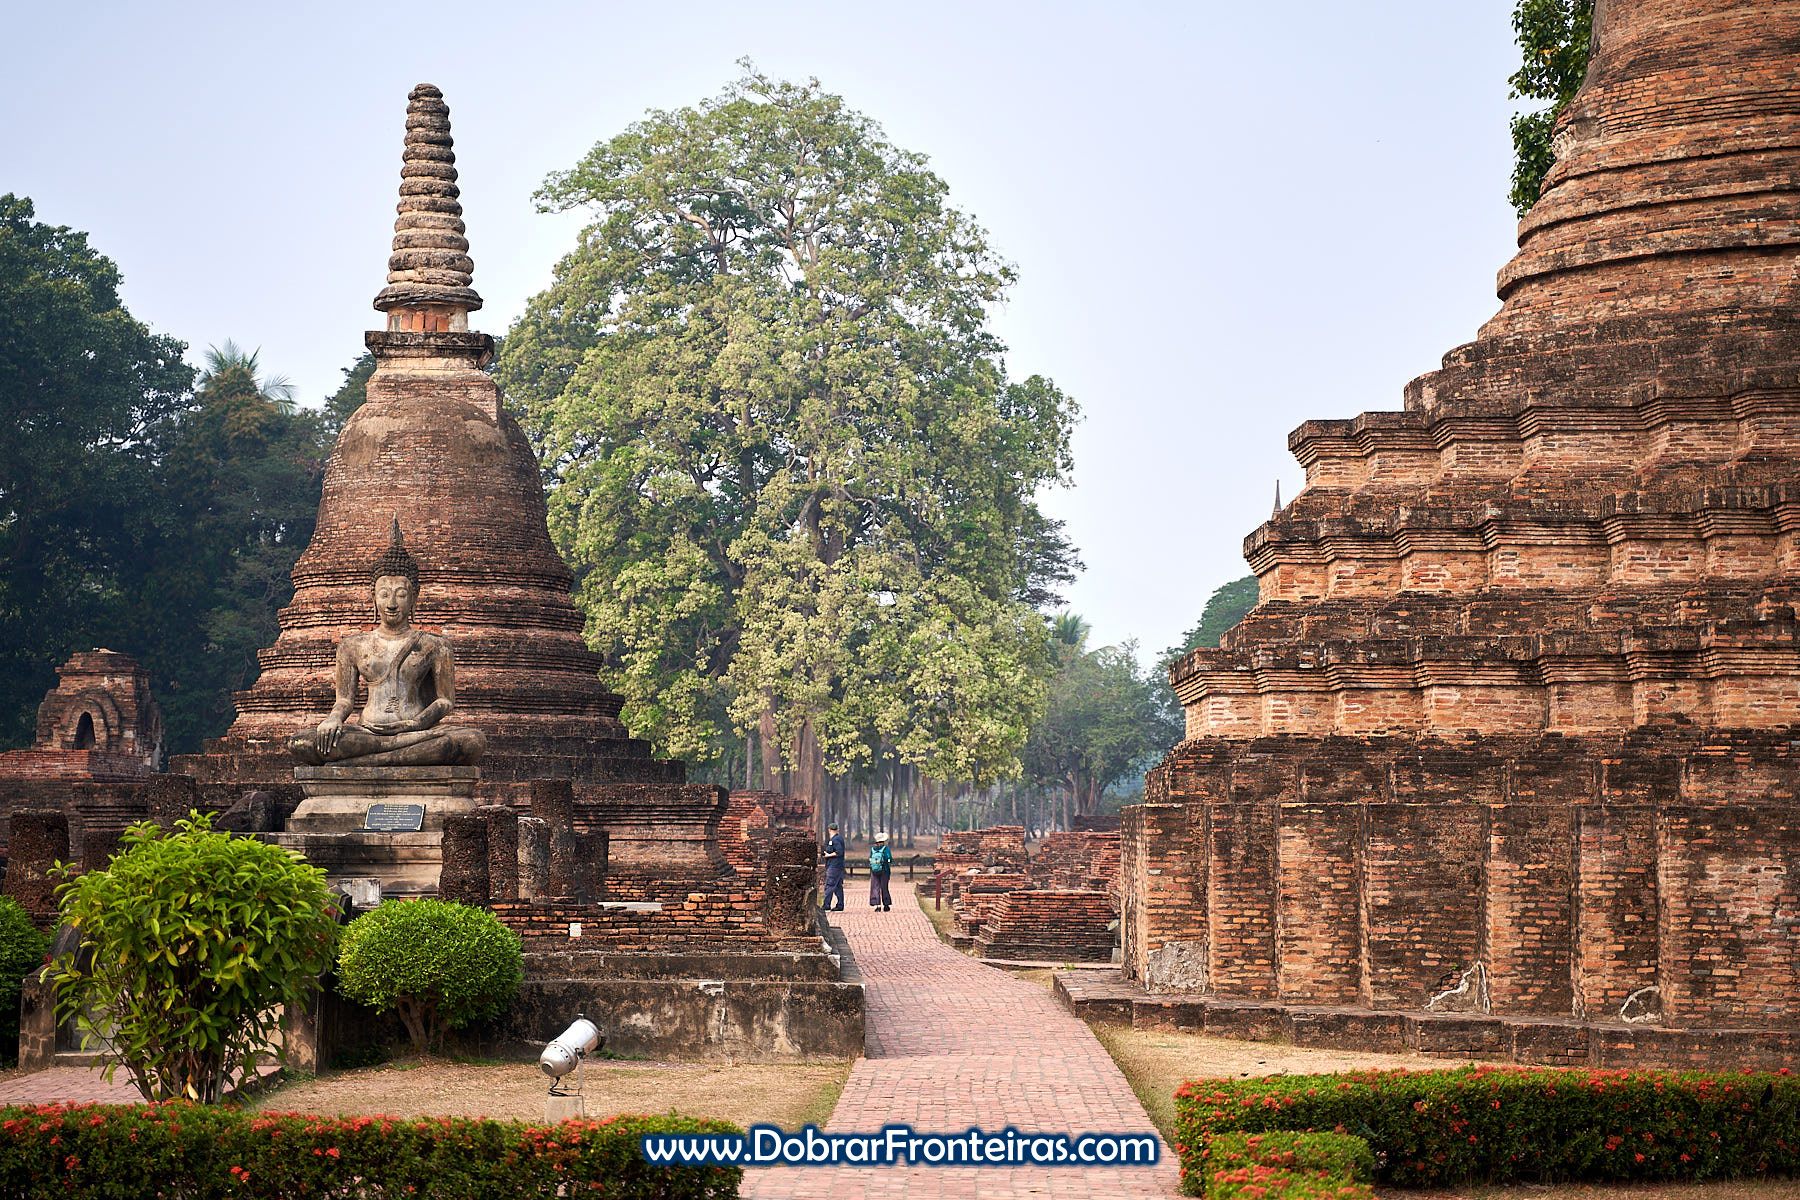 estátua de Buda e estupas de tijolo em Sukhothai, Tailândia